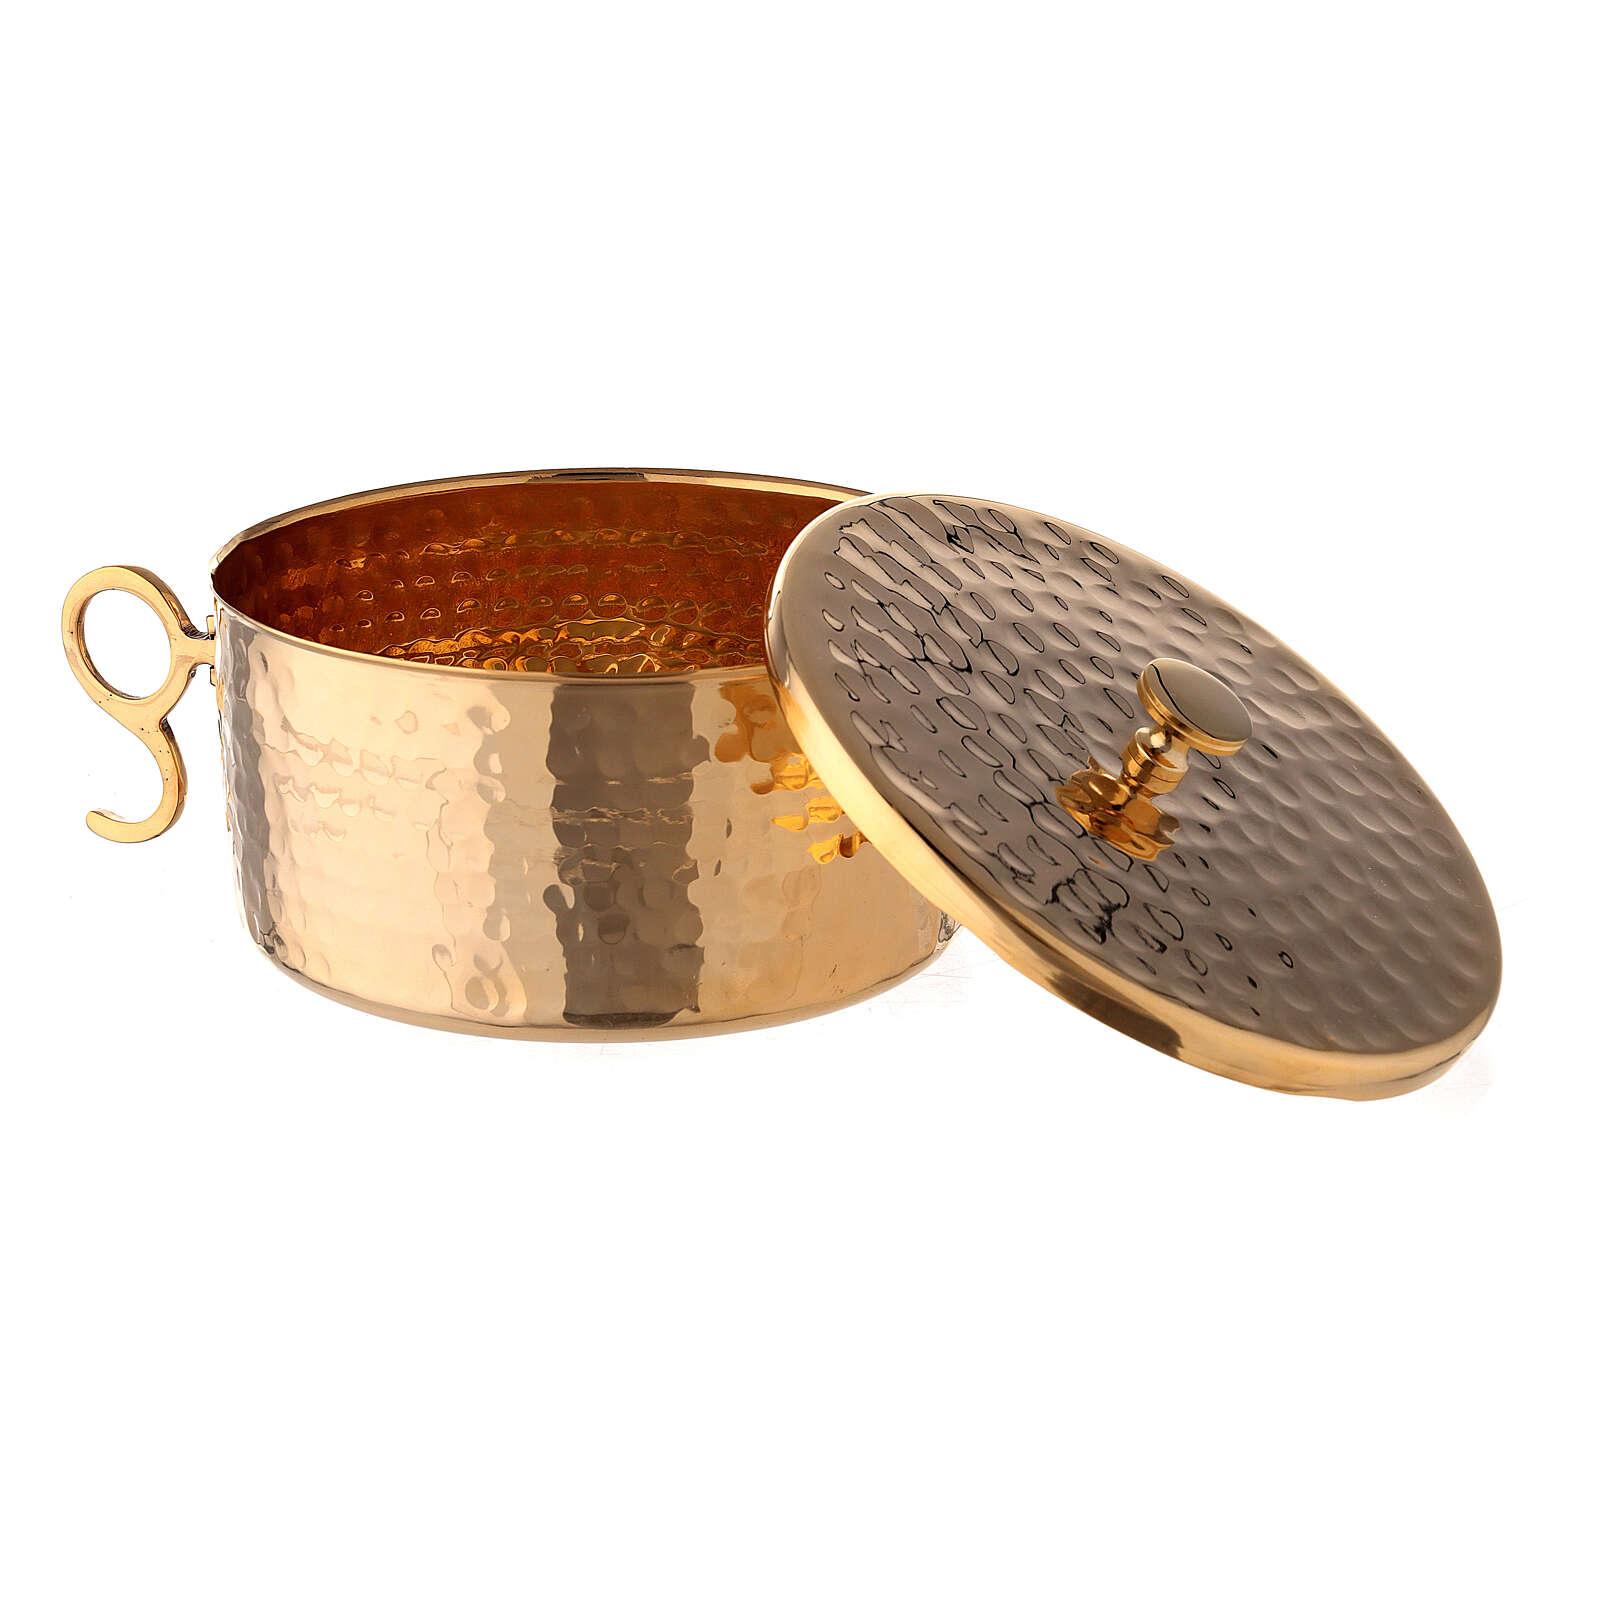 Copón apilable latón dorado martillado 13 cm 4